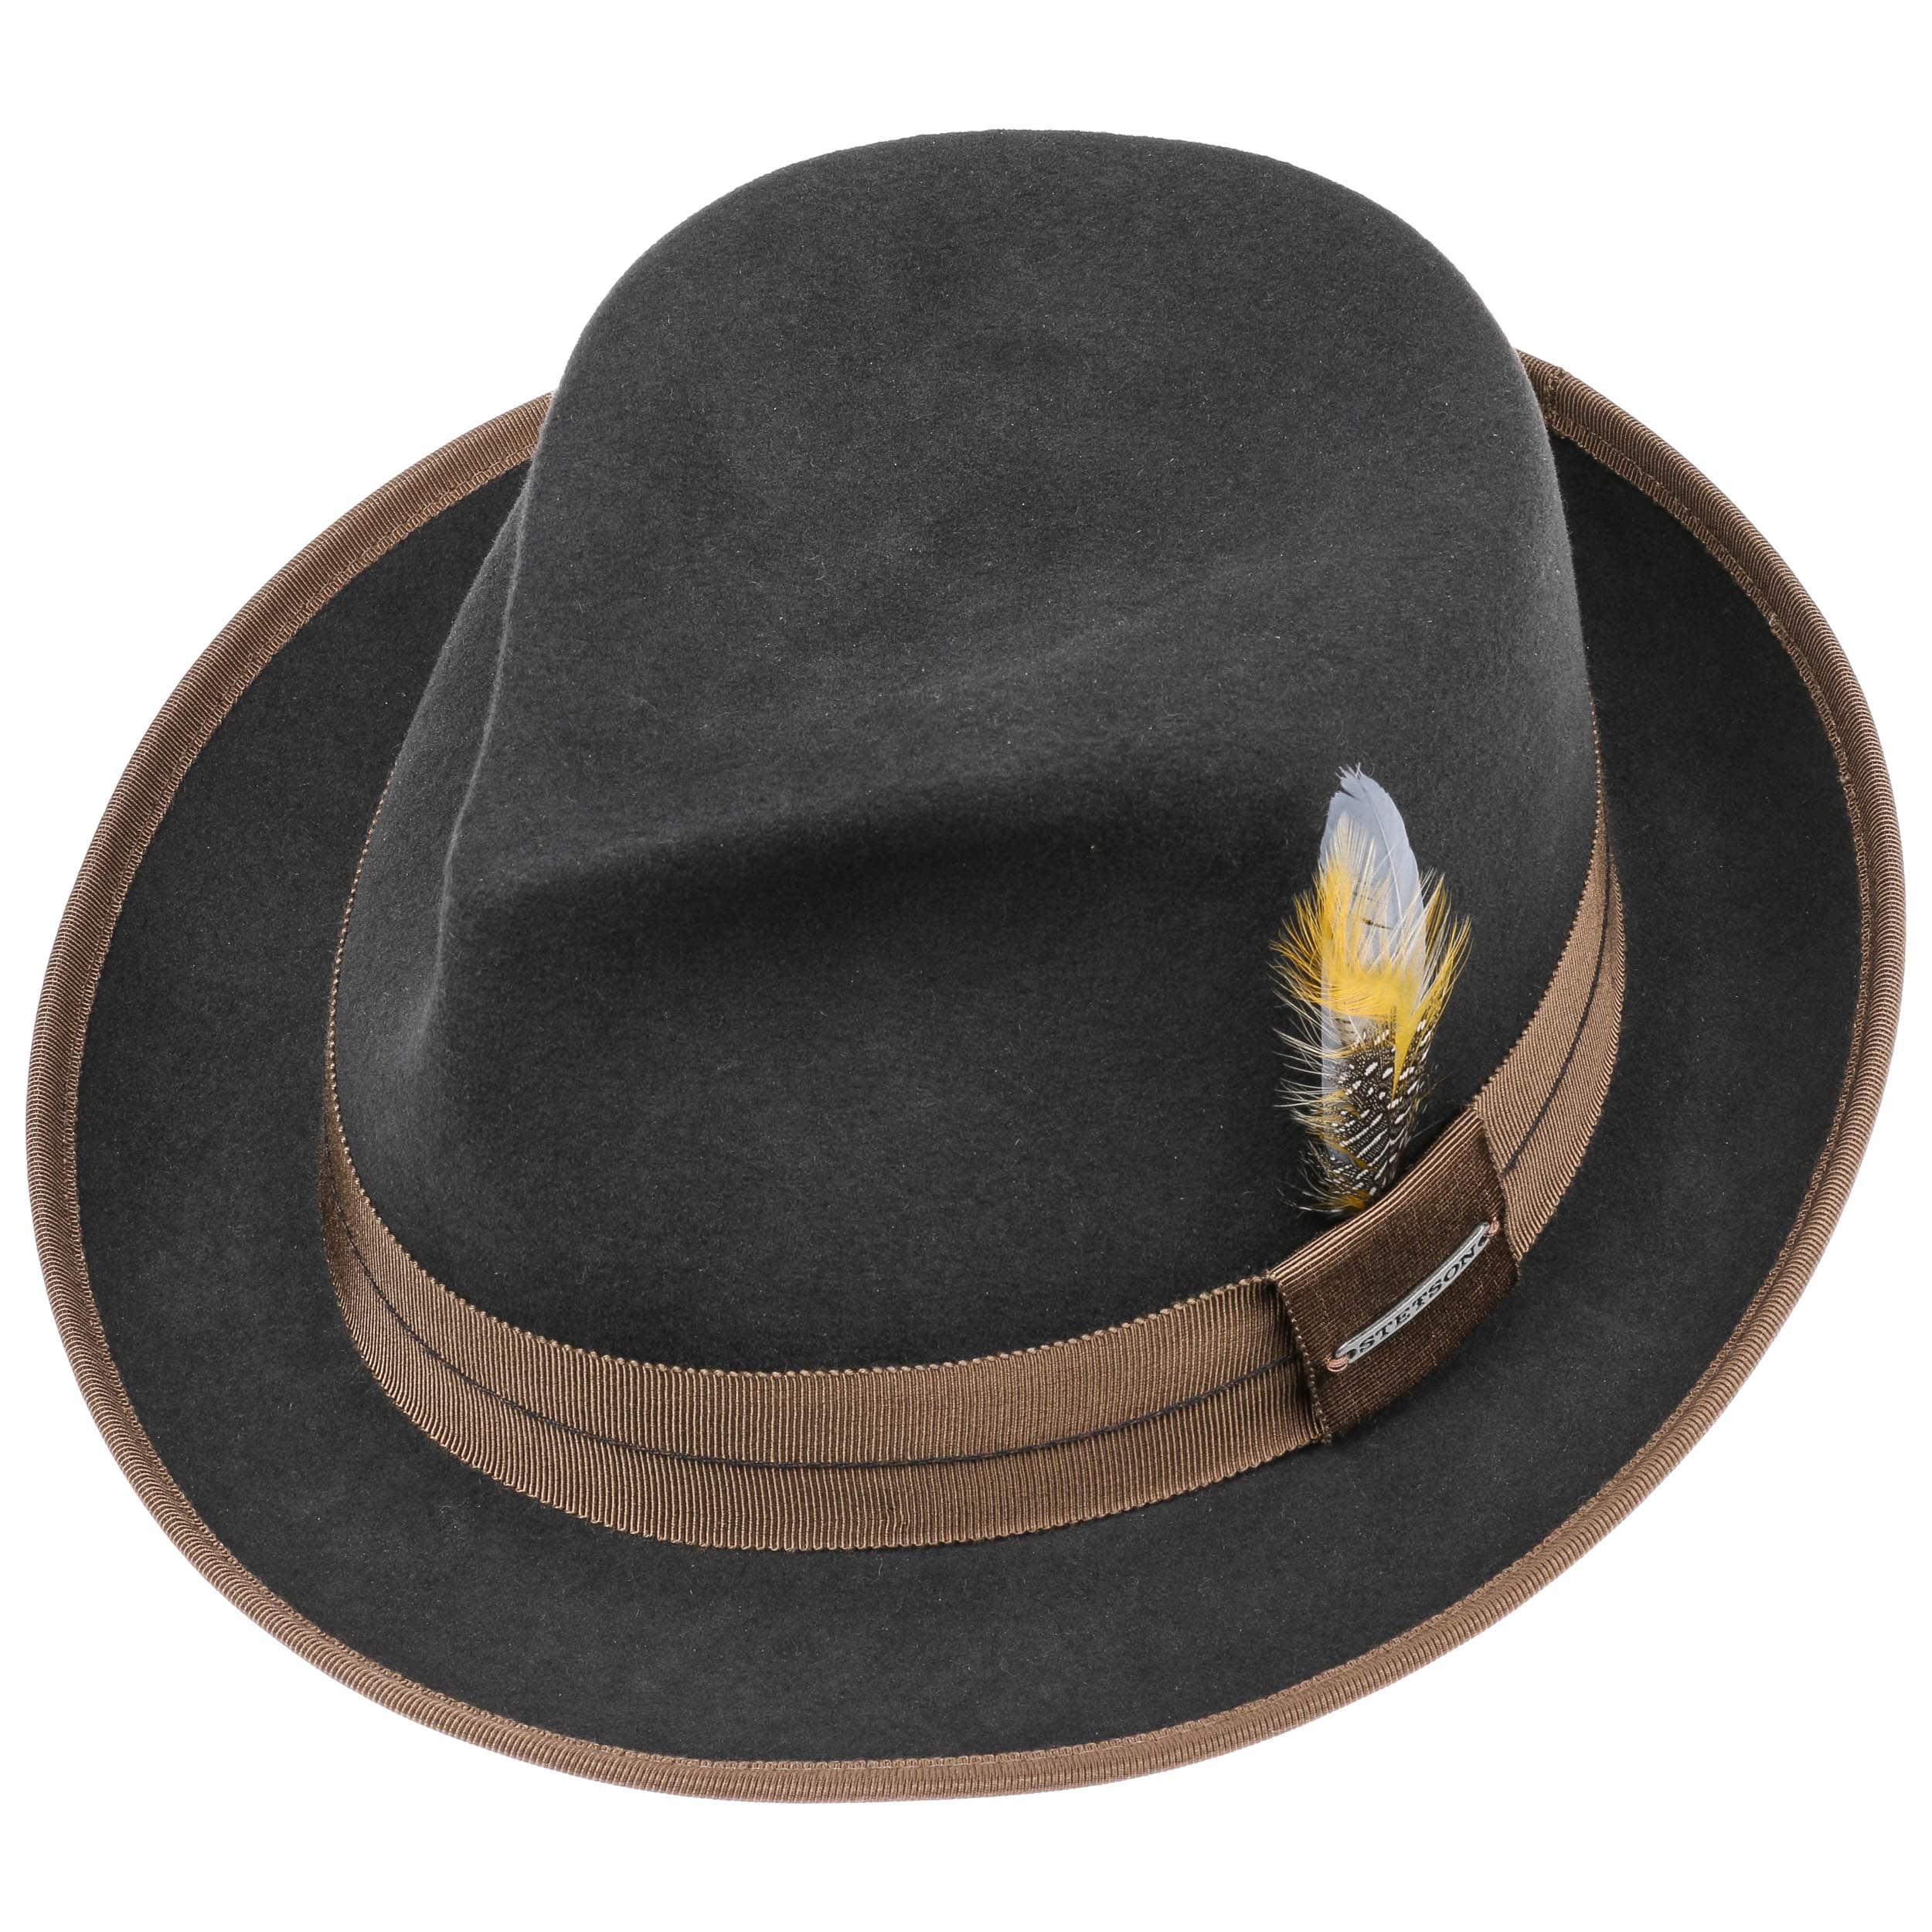 chapeau orleans fedora vitafelt by stetson eur 149 00 chapeaux casquettes et bonnets en. Black Bedroom Furniture Sets. Home Design Ideas